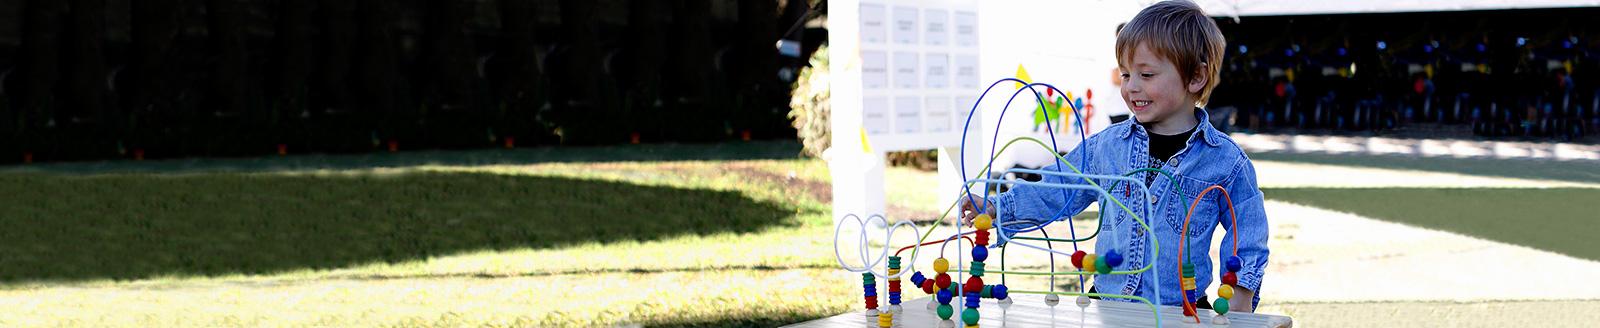 Niño jugando en el Espacio Unzué